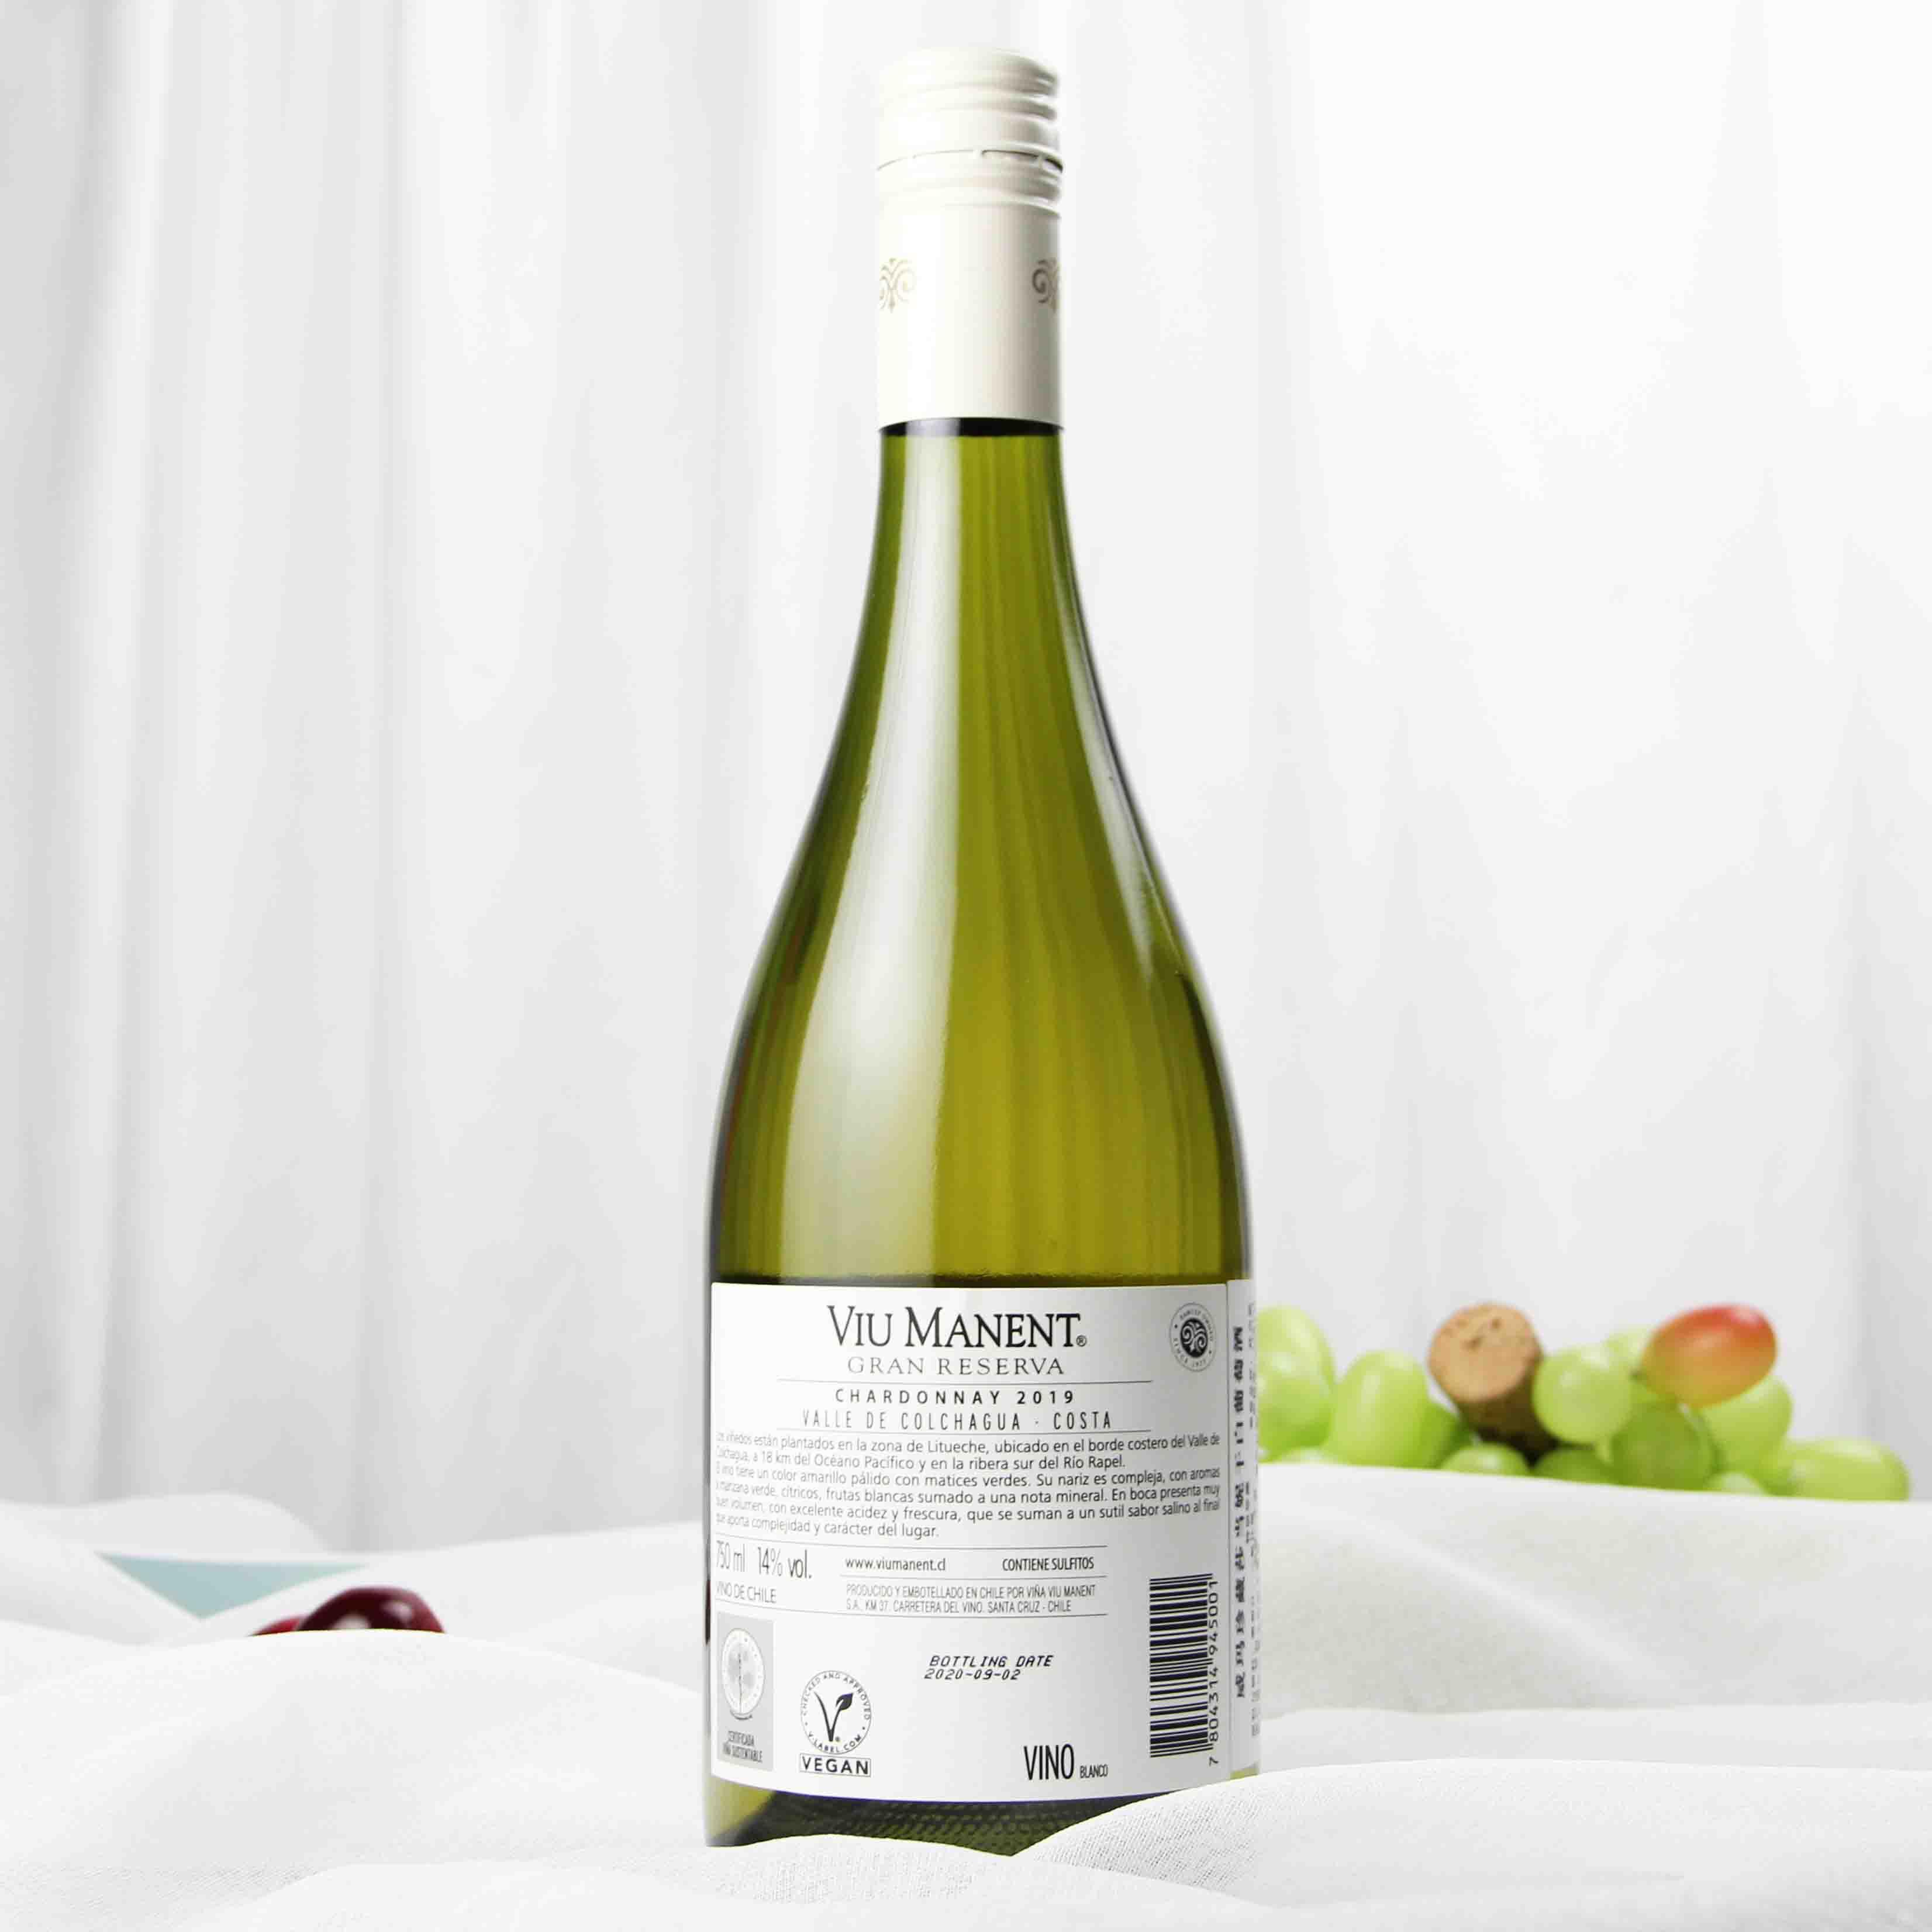 智利科尔查加瓜谷威马珍藏莎当妮干白葡萄酒